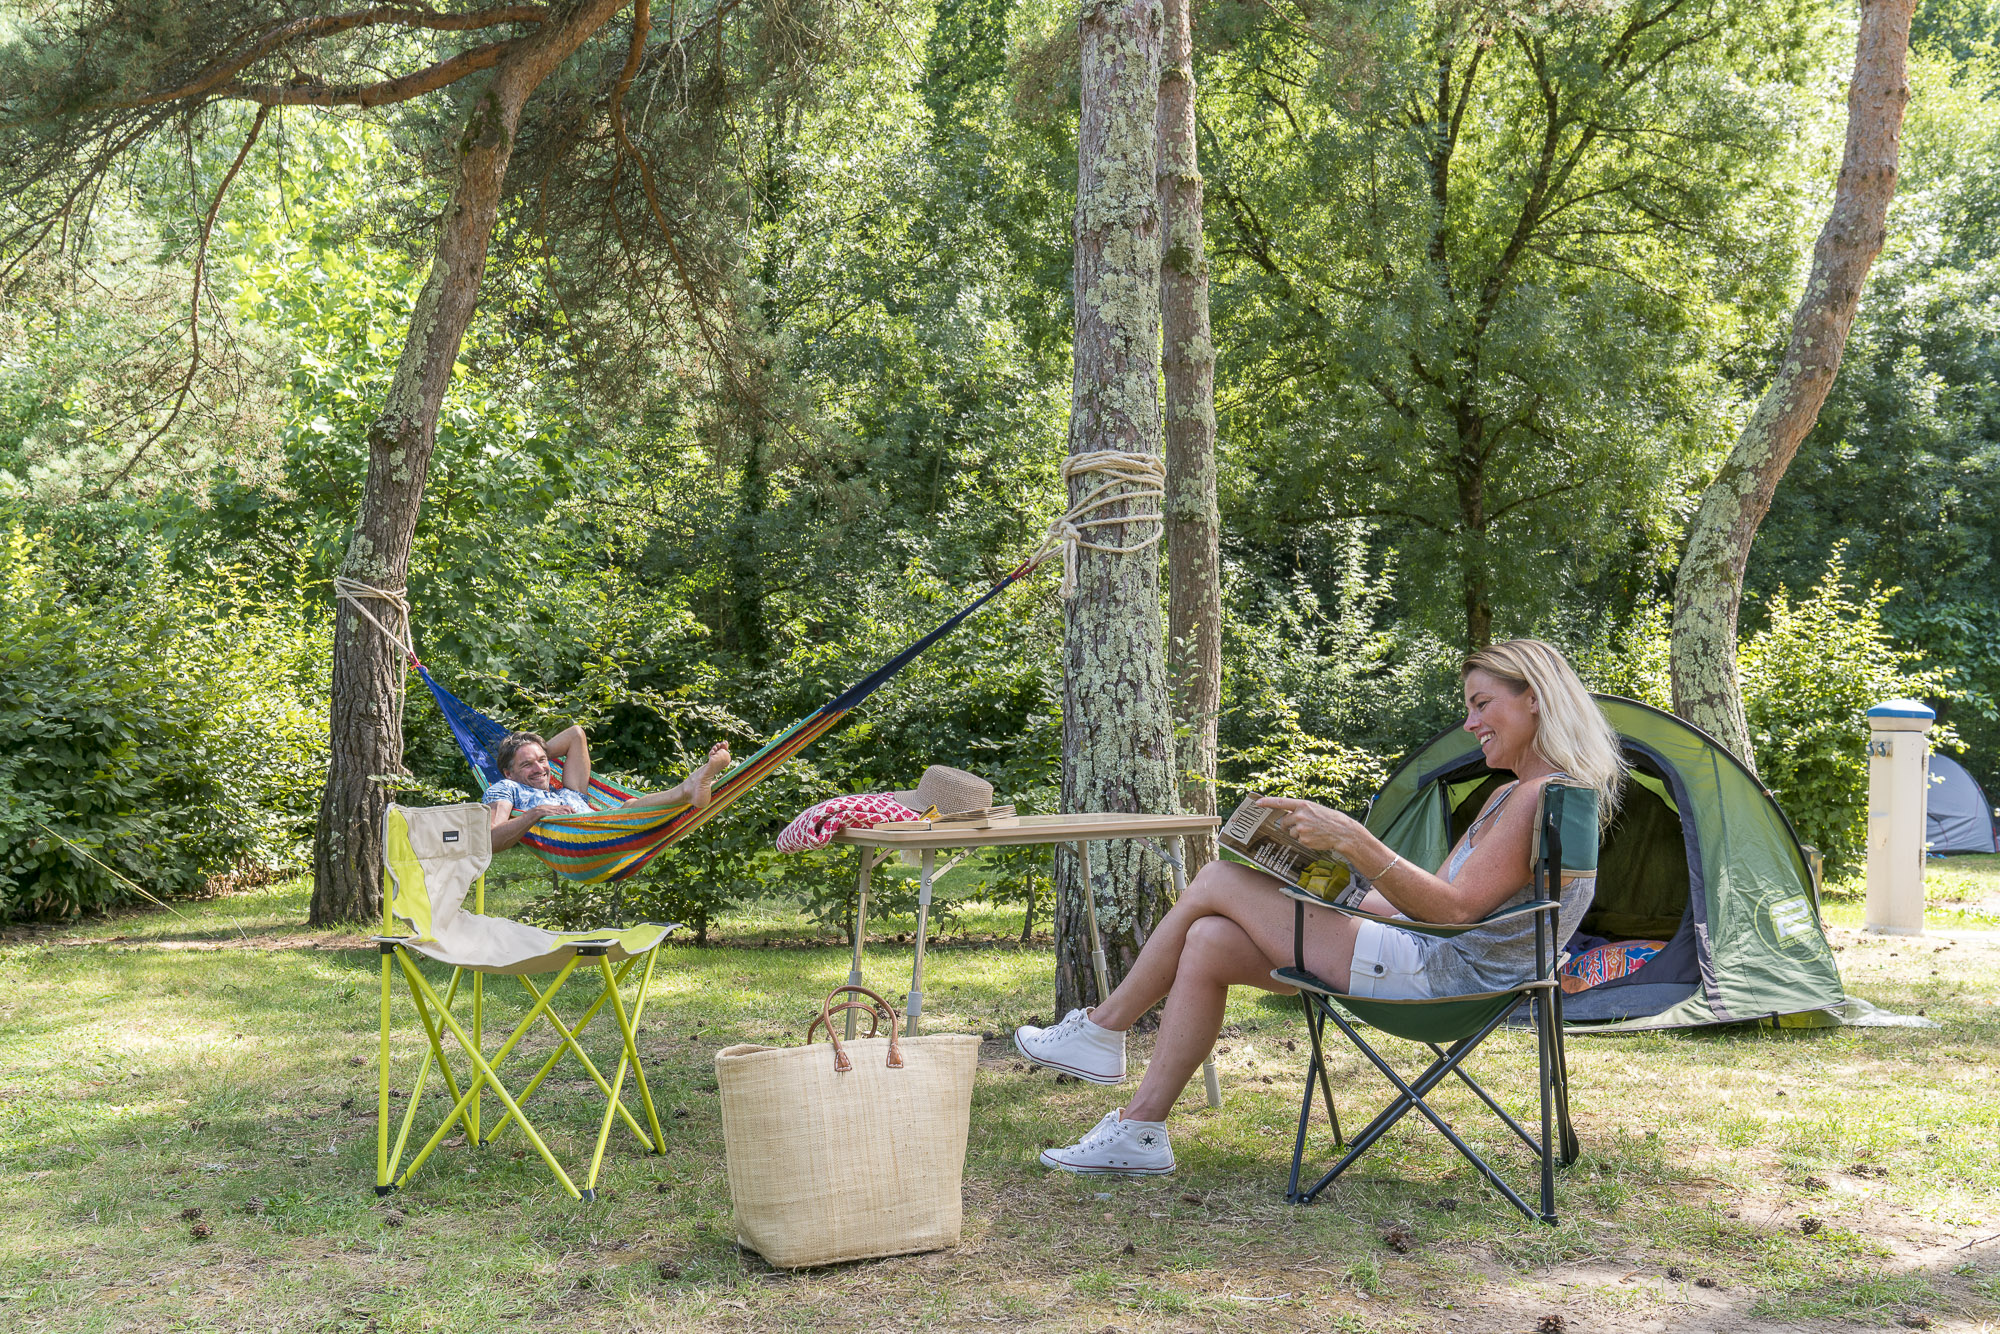 Emplacement - Forfait Confort 1 À 2 Personnes Avec Tente + 1 Véhicule + Électricité 16 A - Nantes Camping